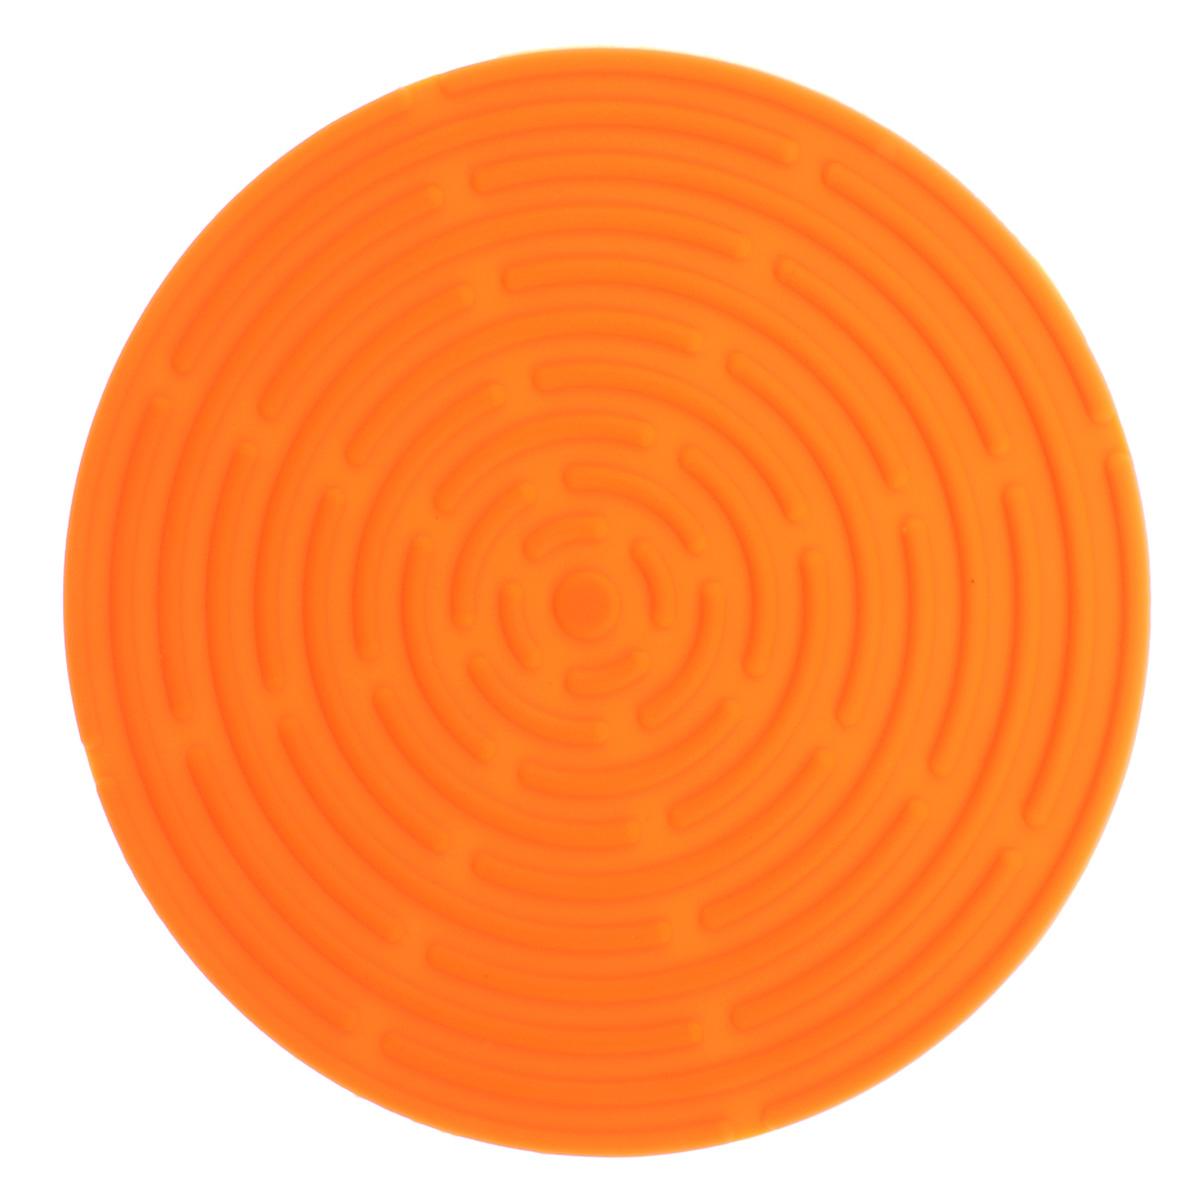 """Подставка под горячее """"Atlantis"""", цвет: оранжевый, диаметр 15 см. SC-MT-010-O"""